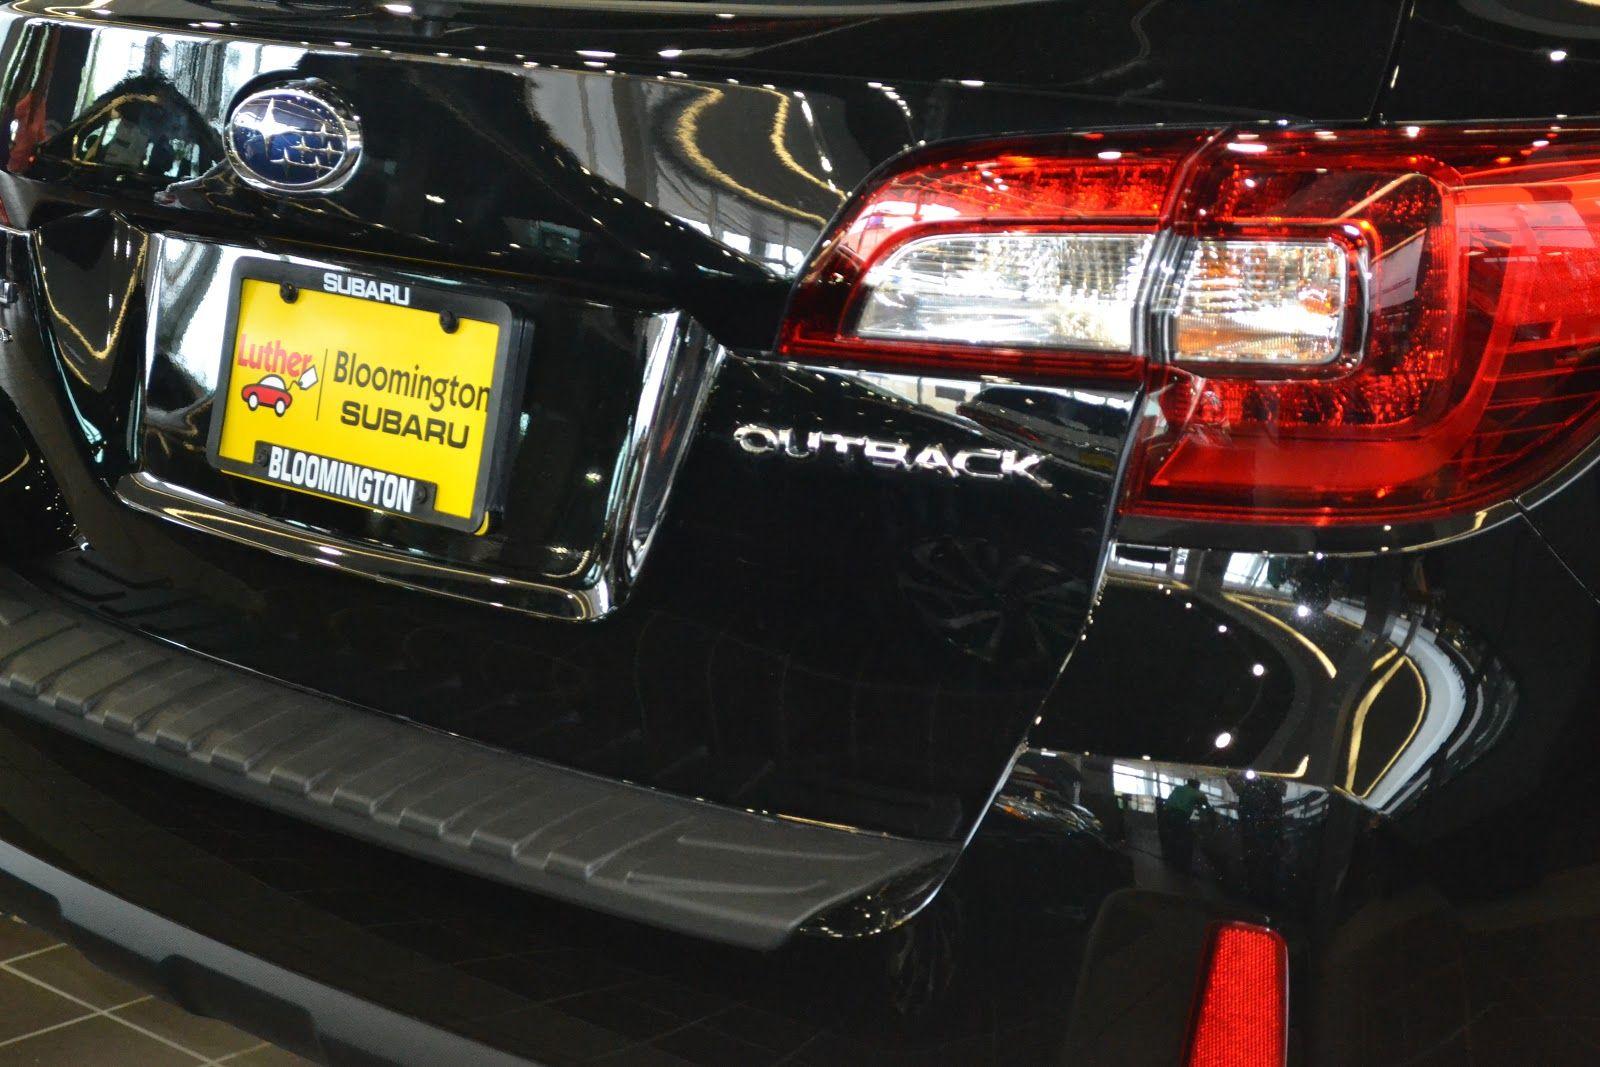 Bloomington Subaru New Subaru Dealership In Bloomington Mn 55420 Subaru Outback For Sale Subaru Outback Subaru